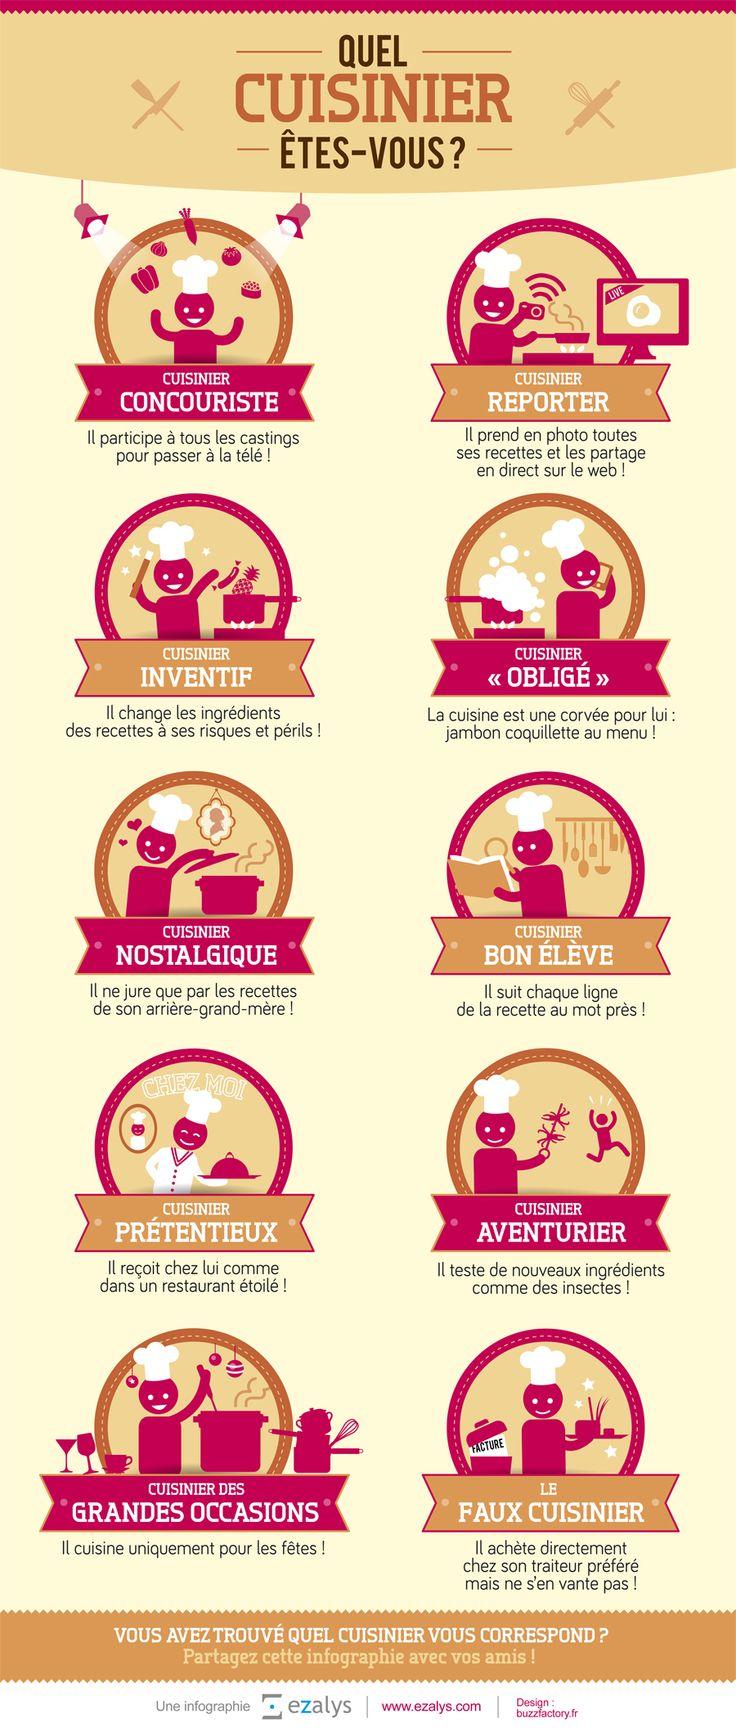 155 best images about la cuisine: le vocabulaire on pinterest ... - Composer Cuisine En Ligne